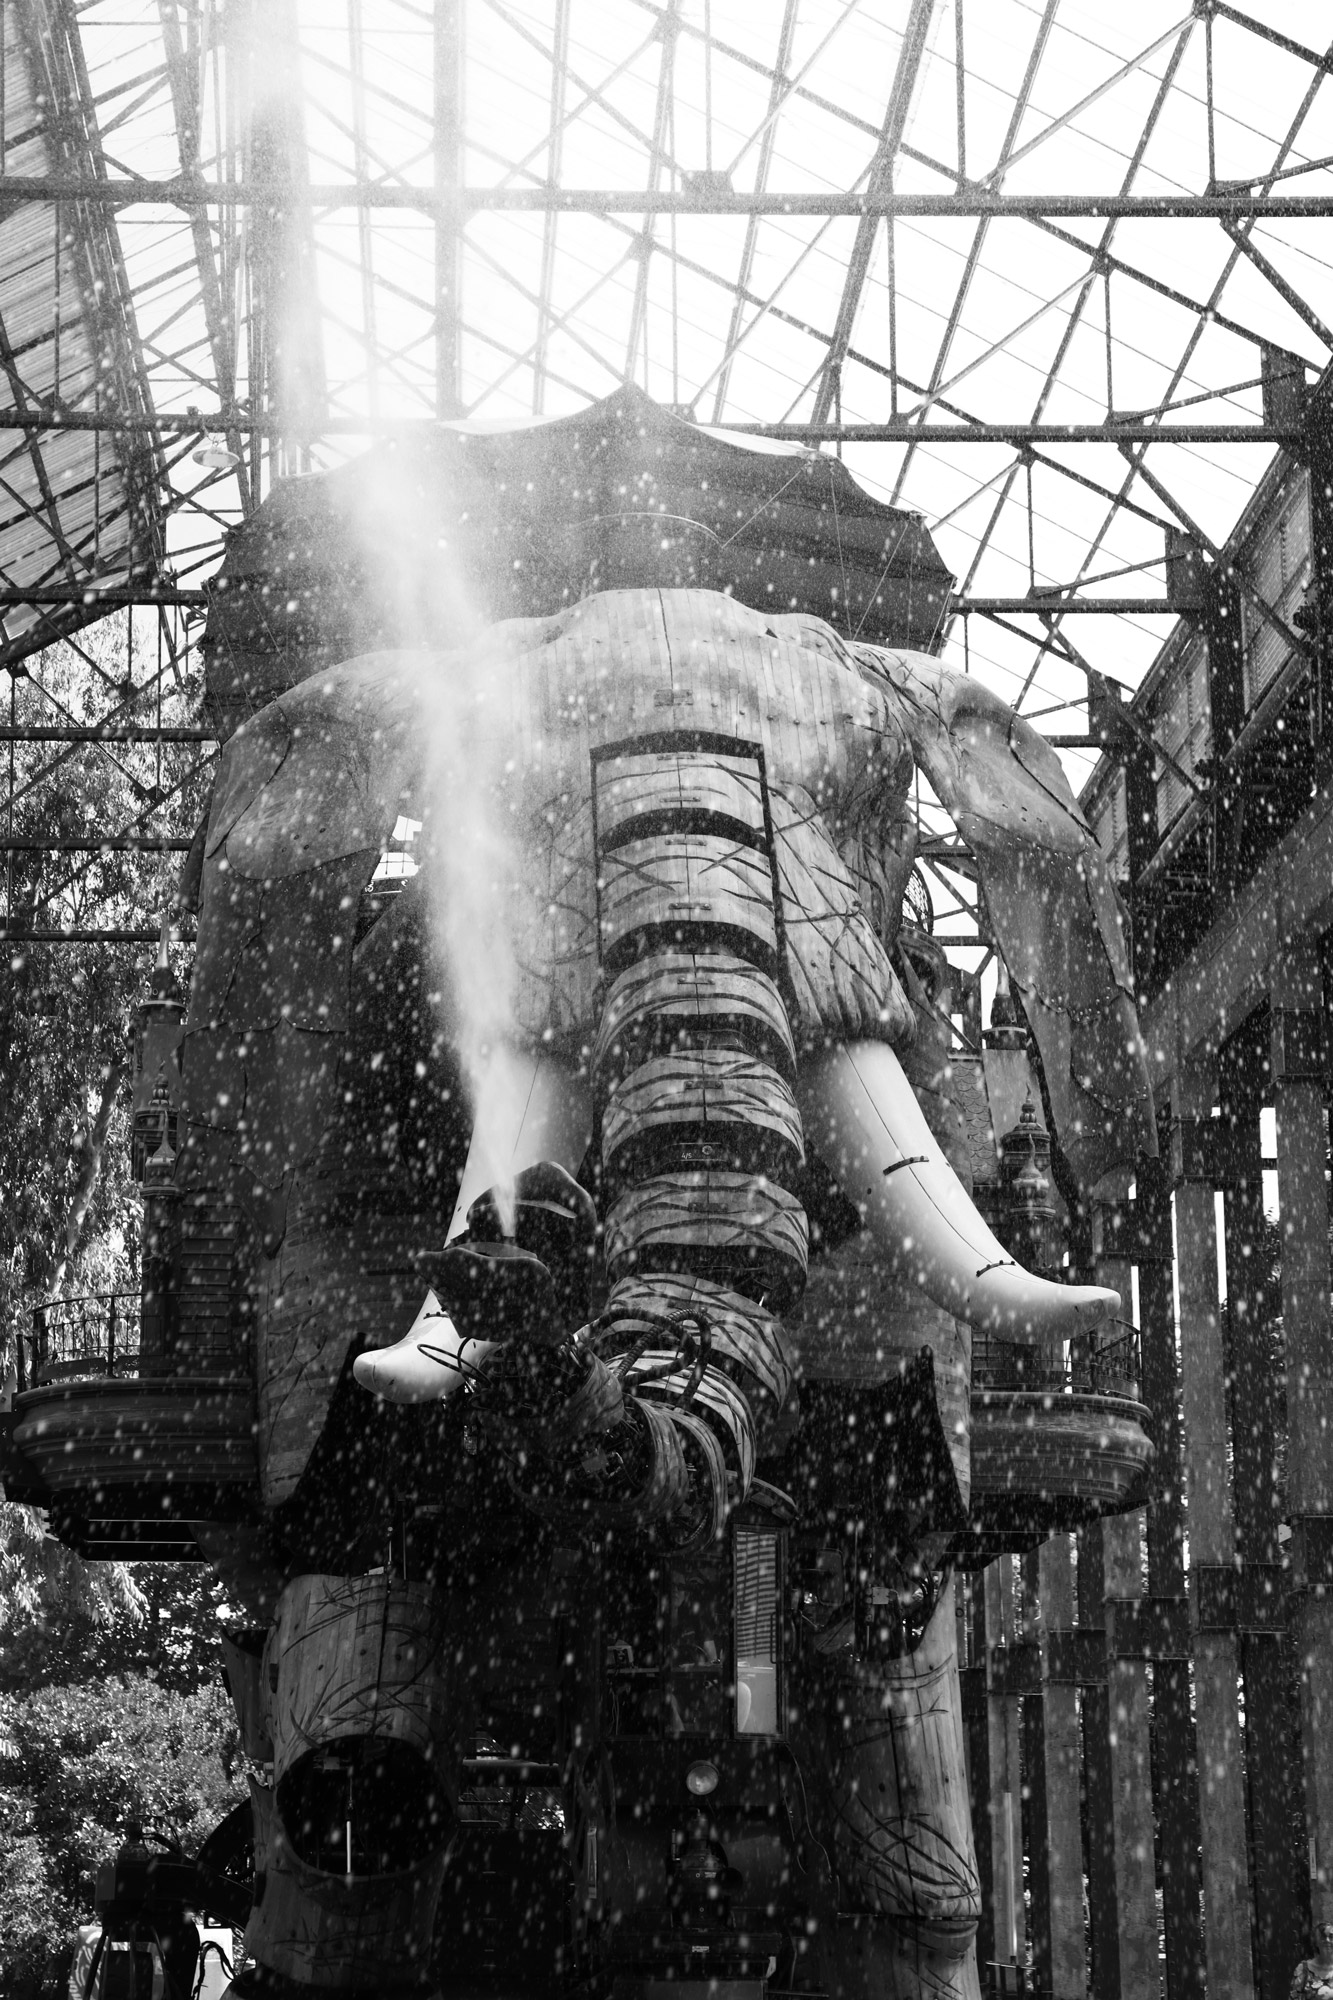 """""""Shower time"""" - Les Machines de l'Île de Nantes. ©Clémence Rougetet"""